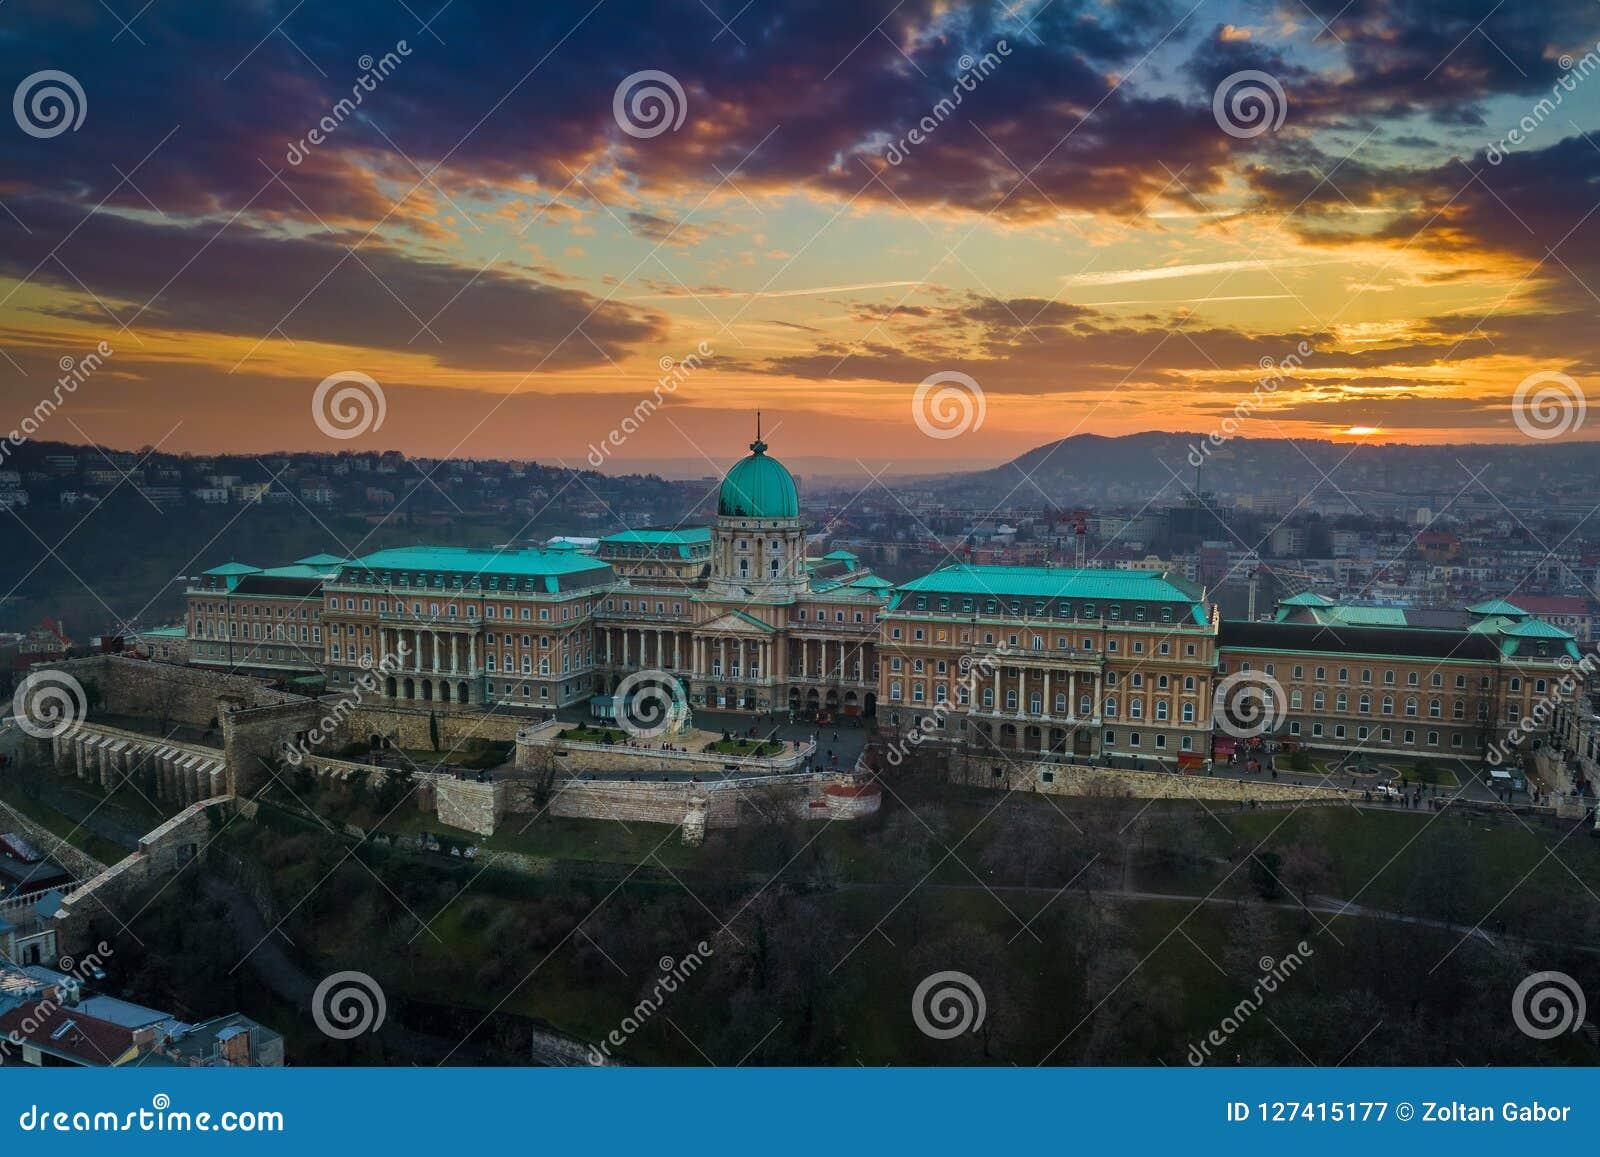 Βουδαπέστη, Ουγγαρία - εναέρια πανοραμική άποψη του διάσημου Buda Castle Royal Palace στο ηλιοβασίλεμα με τον καταπληκτικό ζωηρόχ